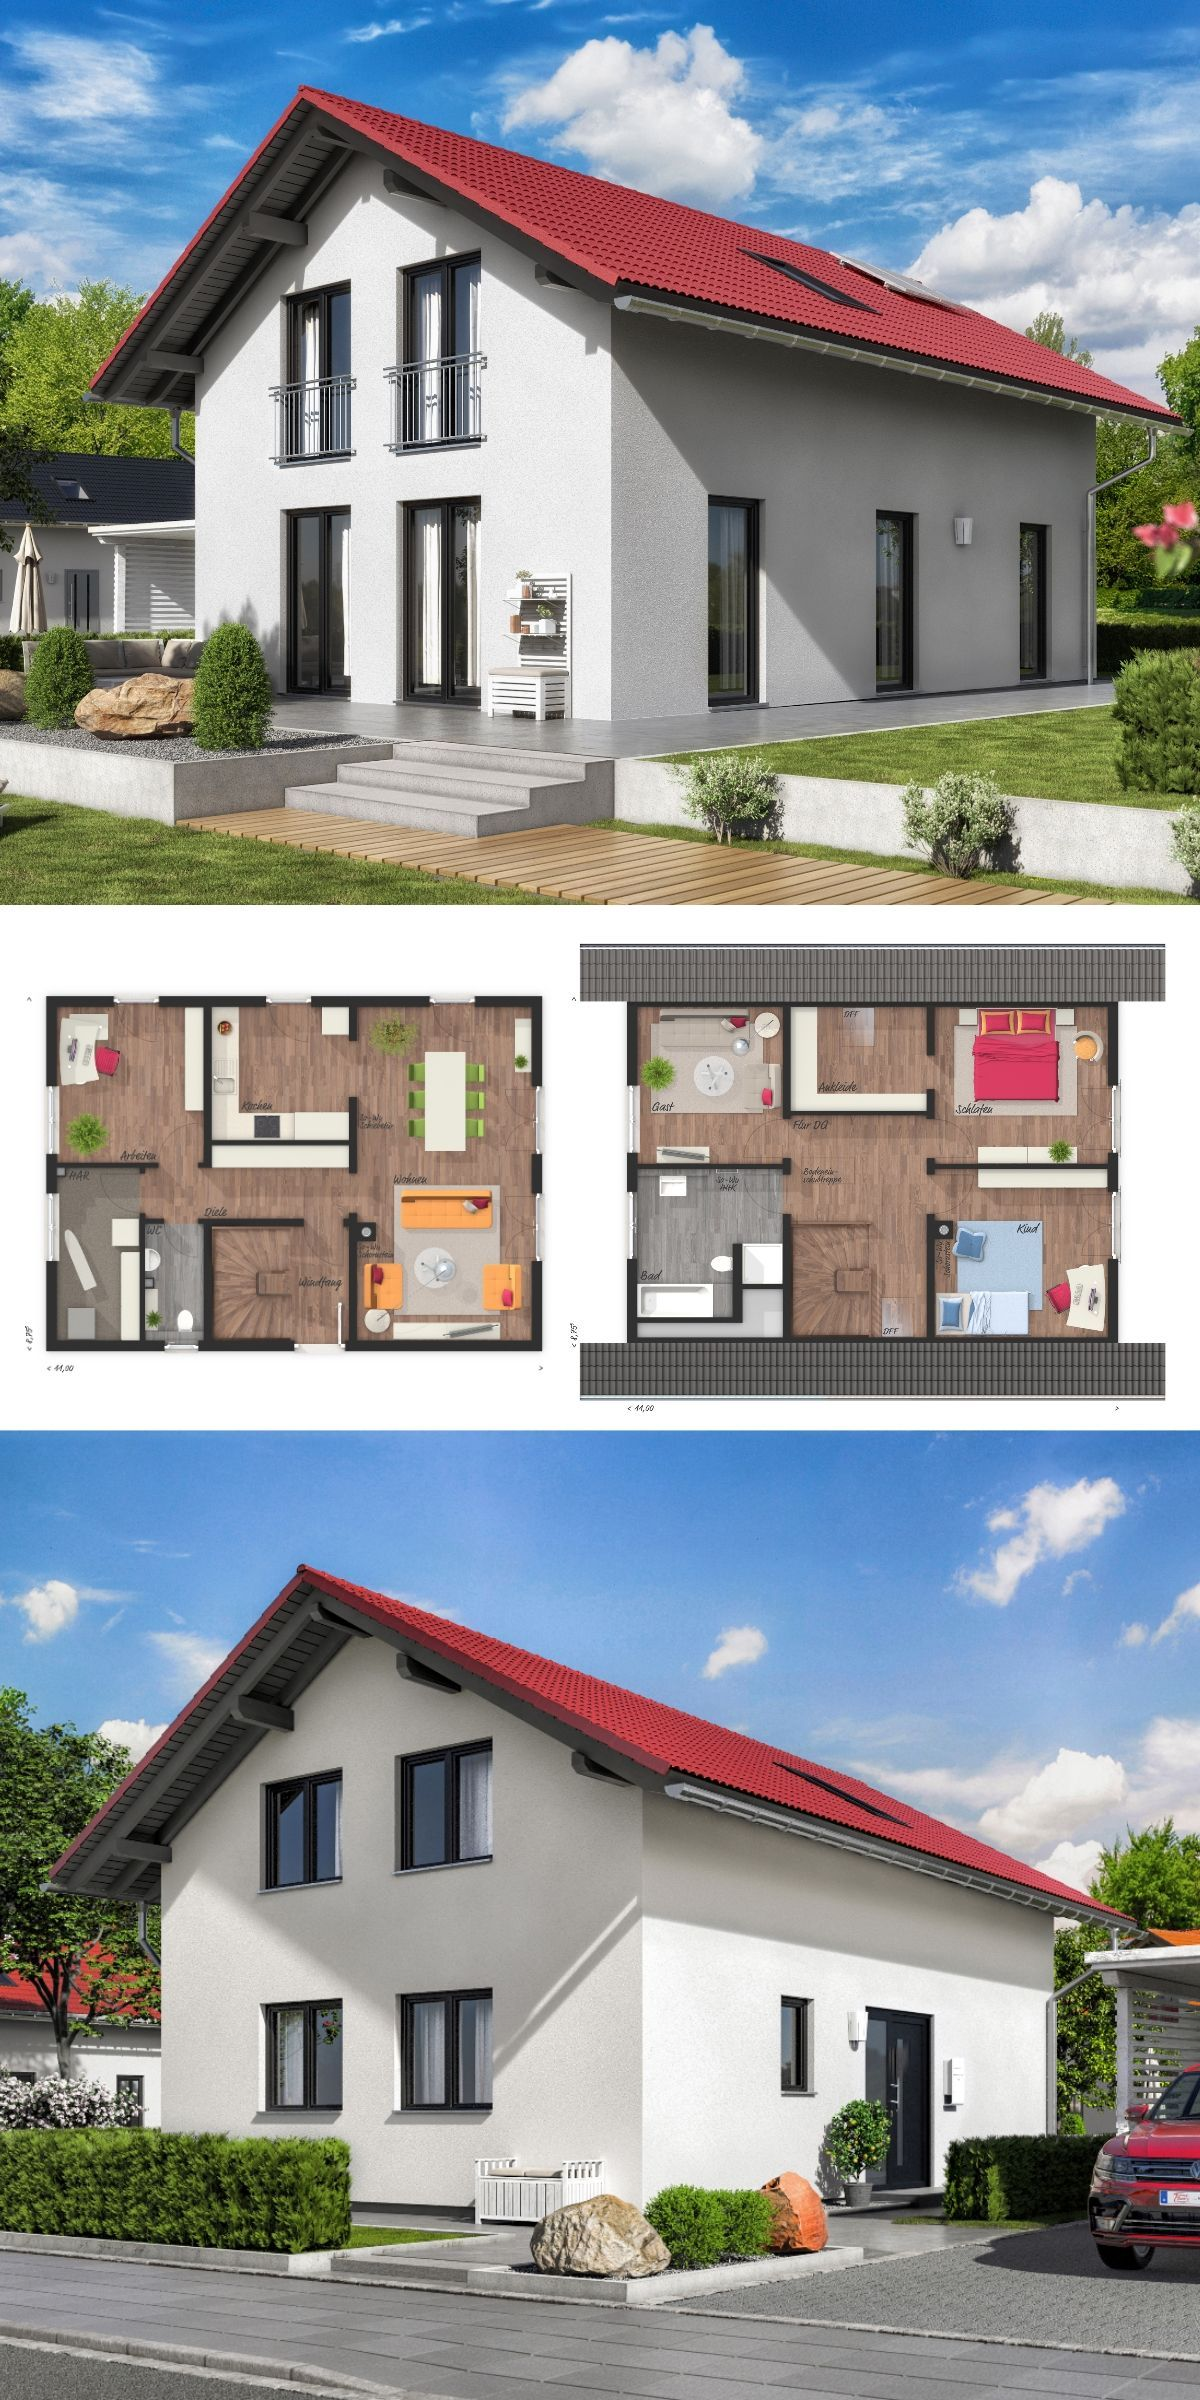 Einfamilienhaus Neubau Mit Satteldach Architektur Im Landhausstil